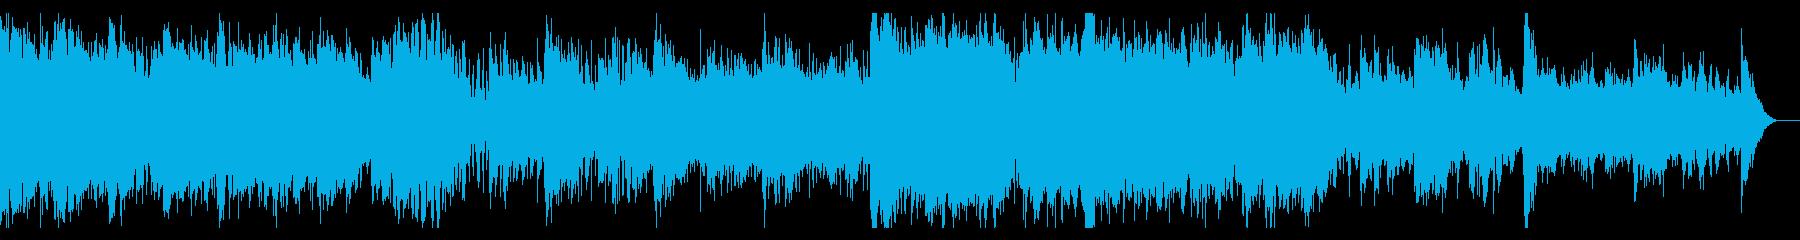 ミステリー・ホラーなシネマティックBGMの再生済みの波形